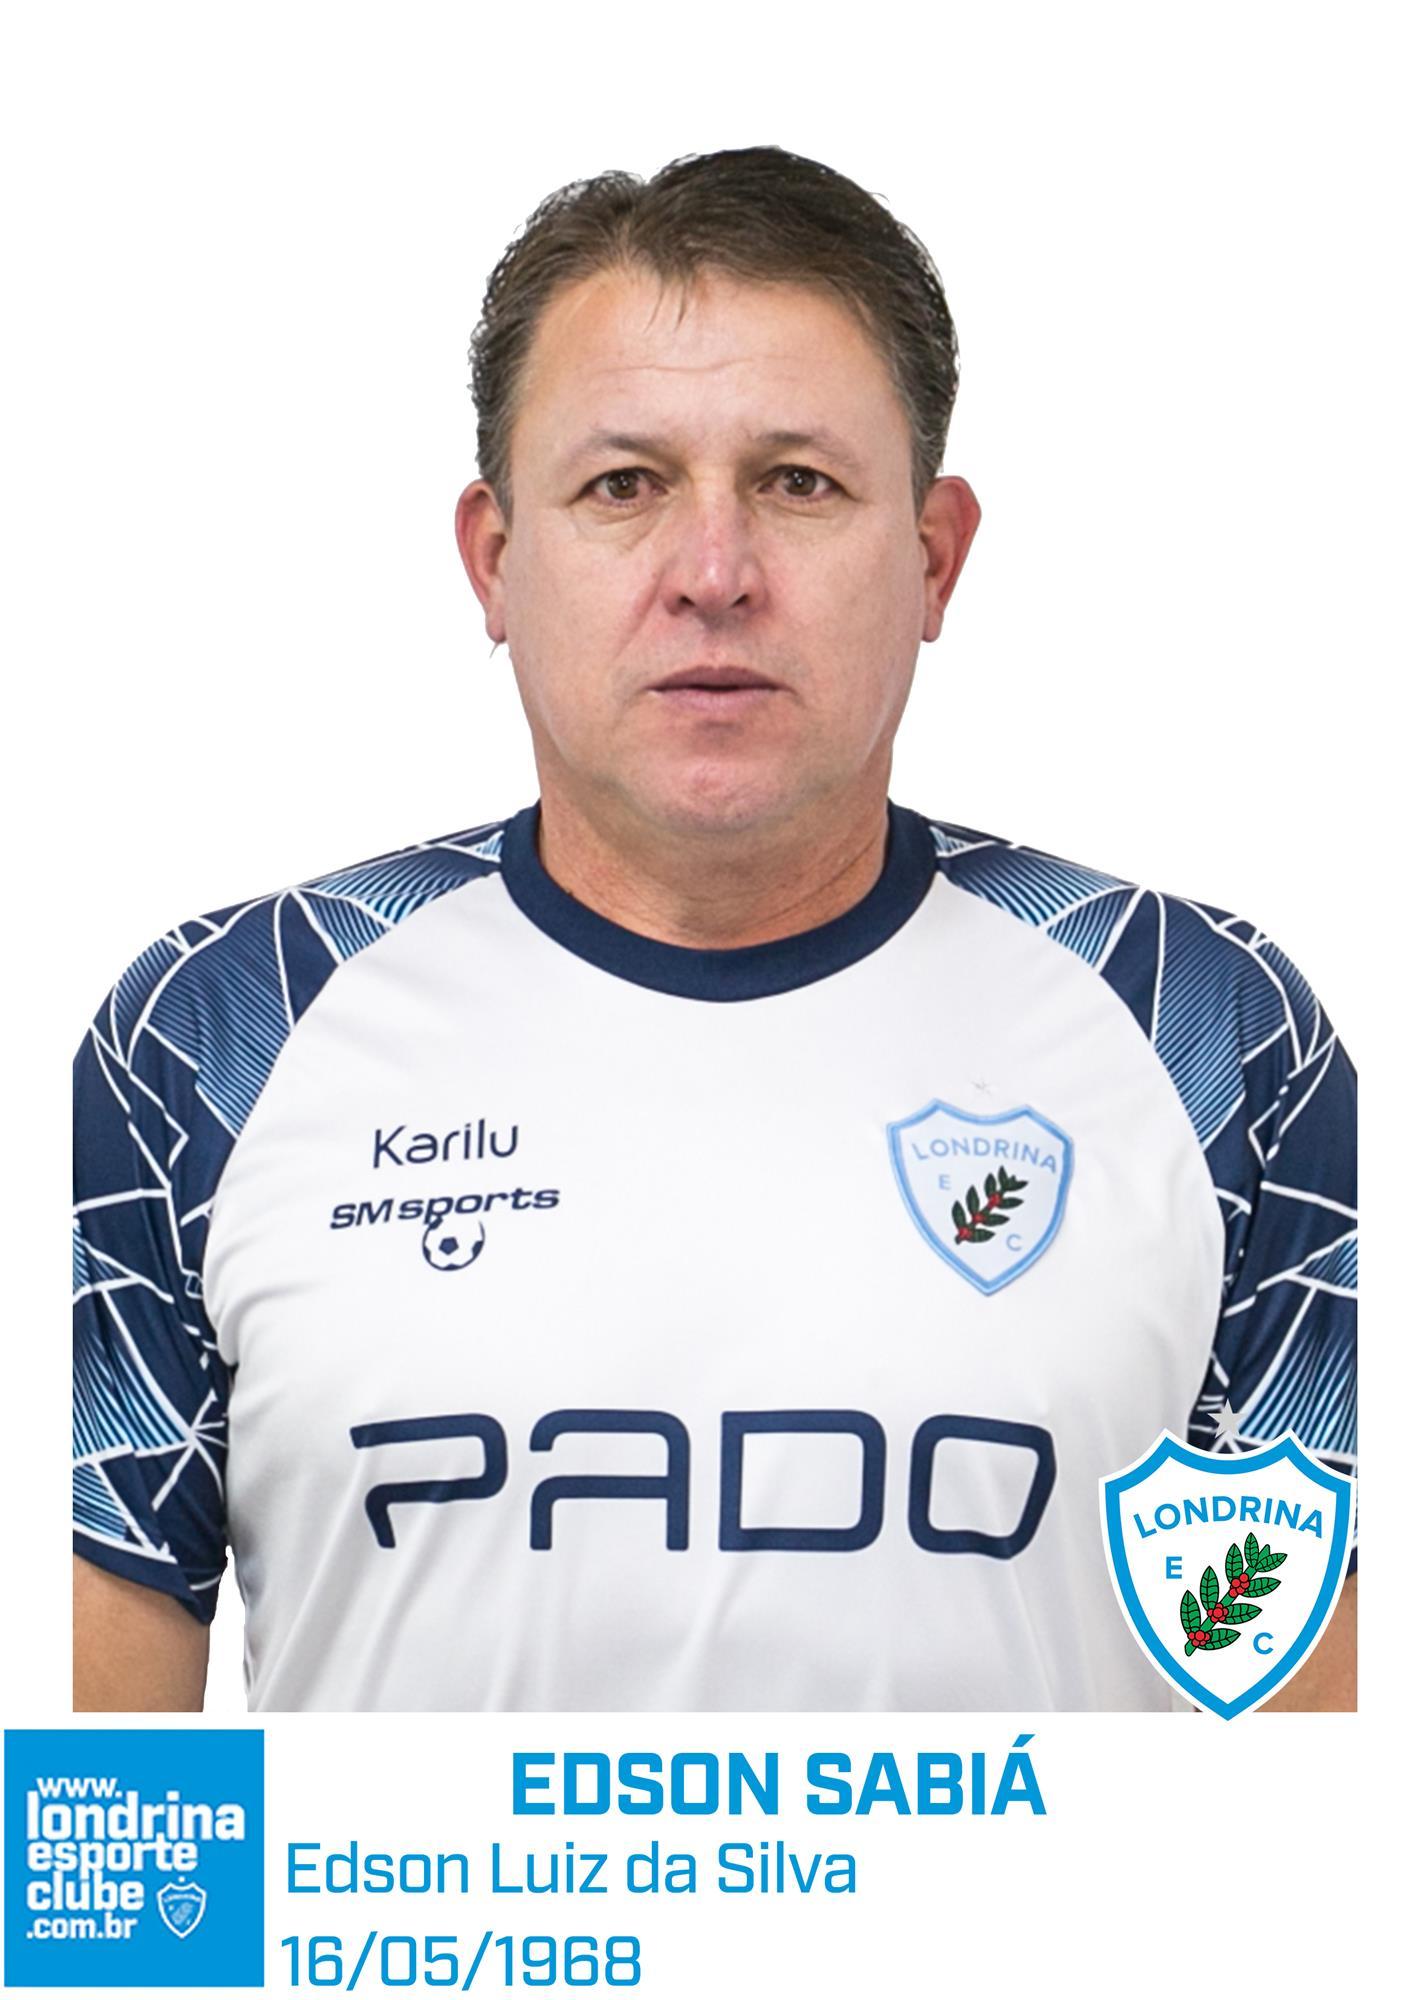 Edson Sabiá